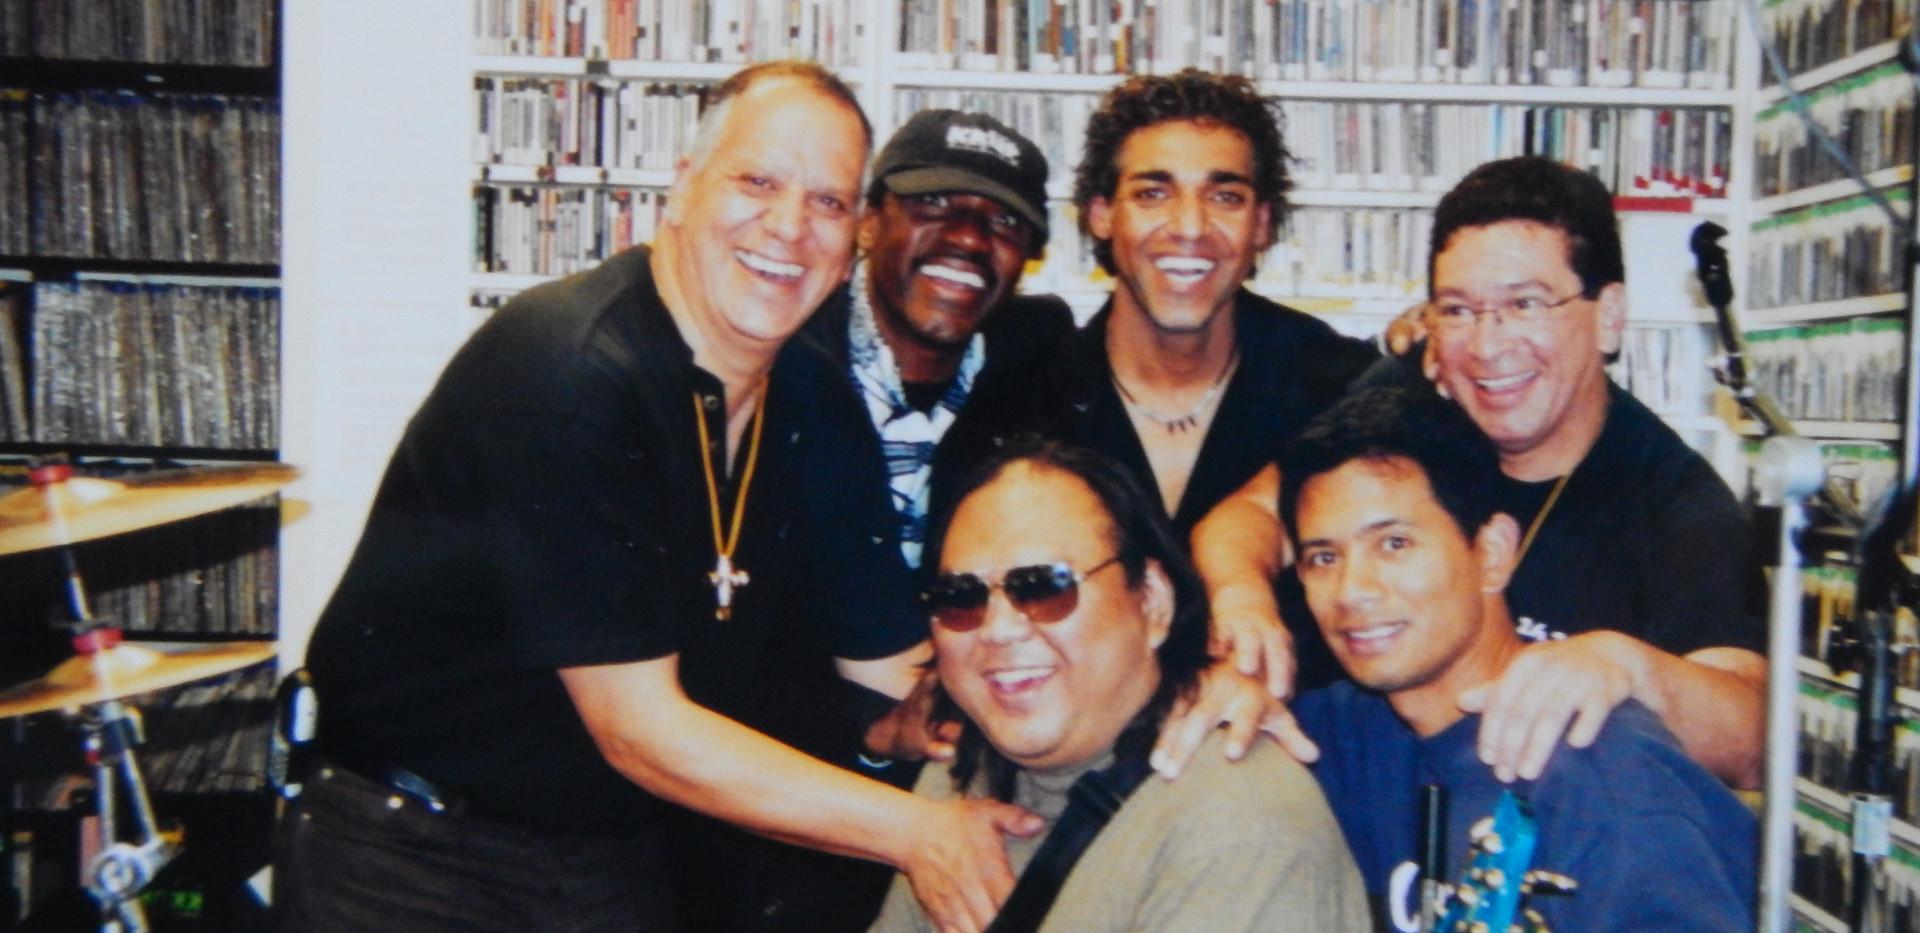 At KKUP radio Santa Clara,Ca.